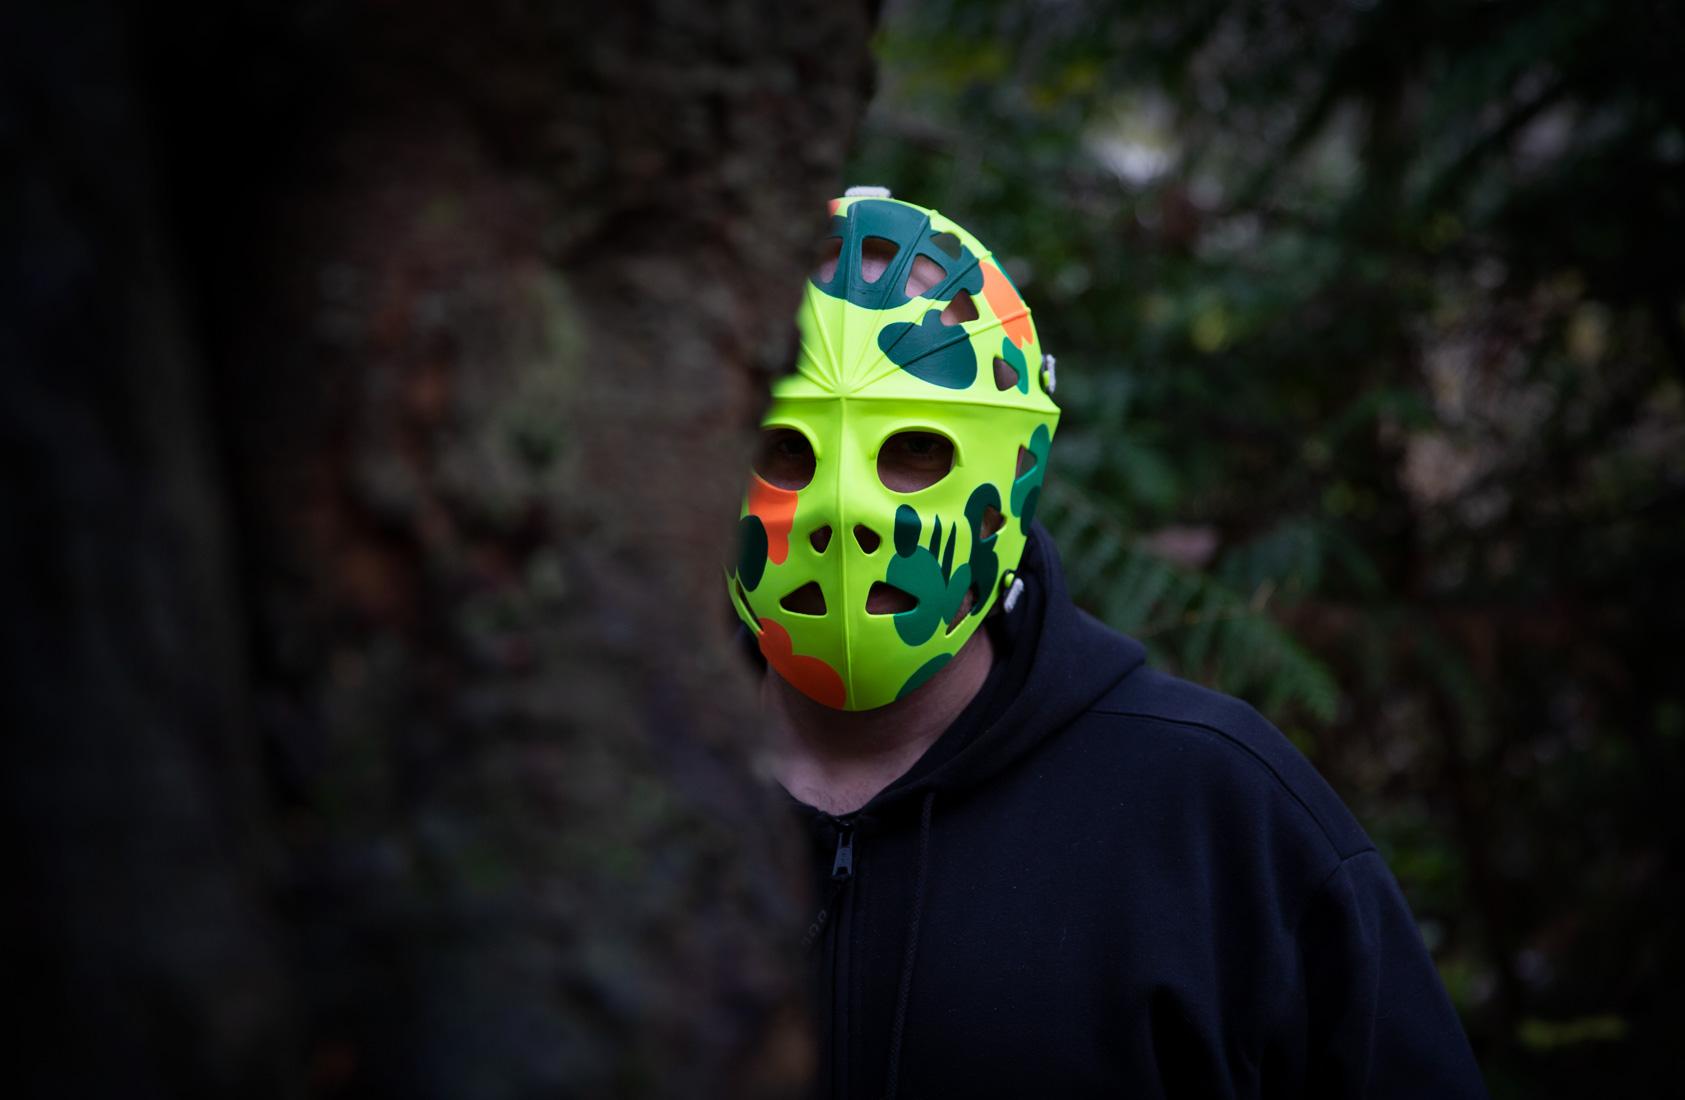 hockeymask 1685x1100 3